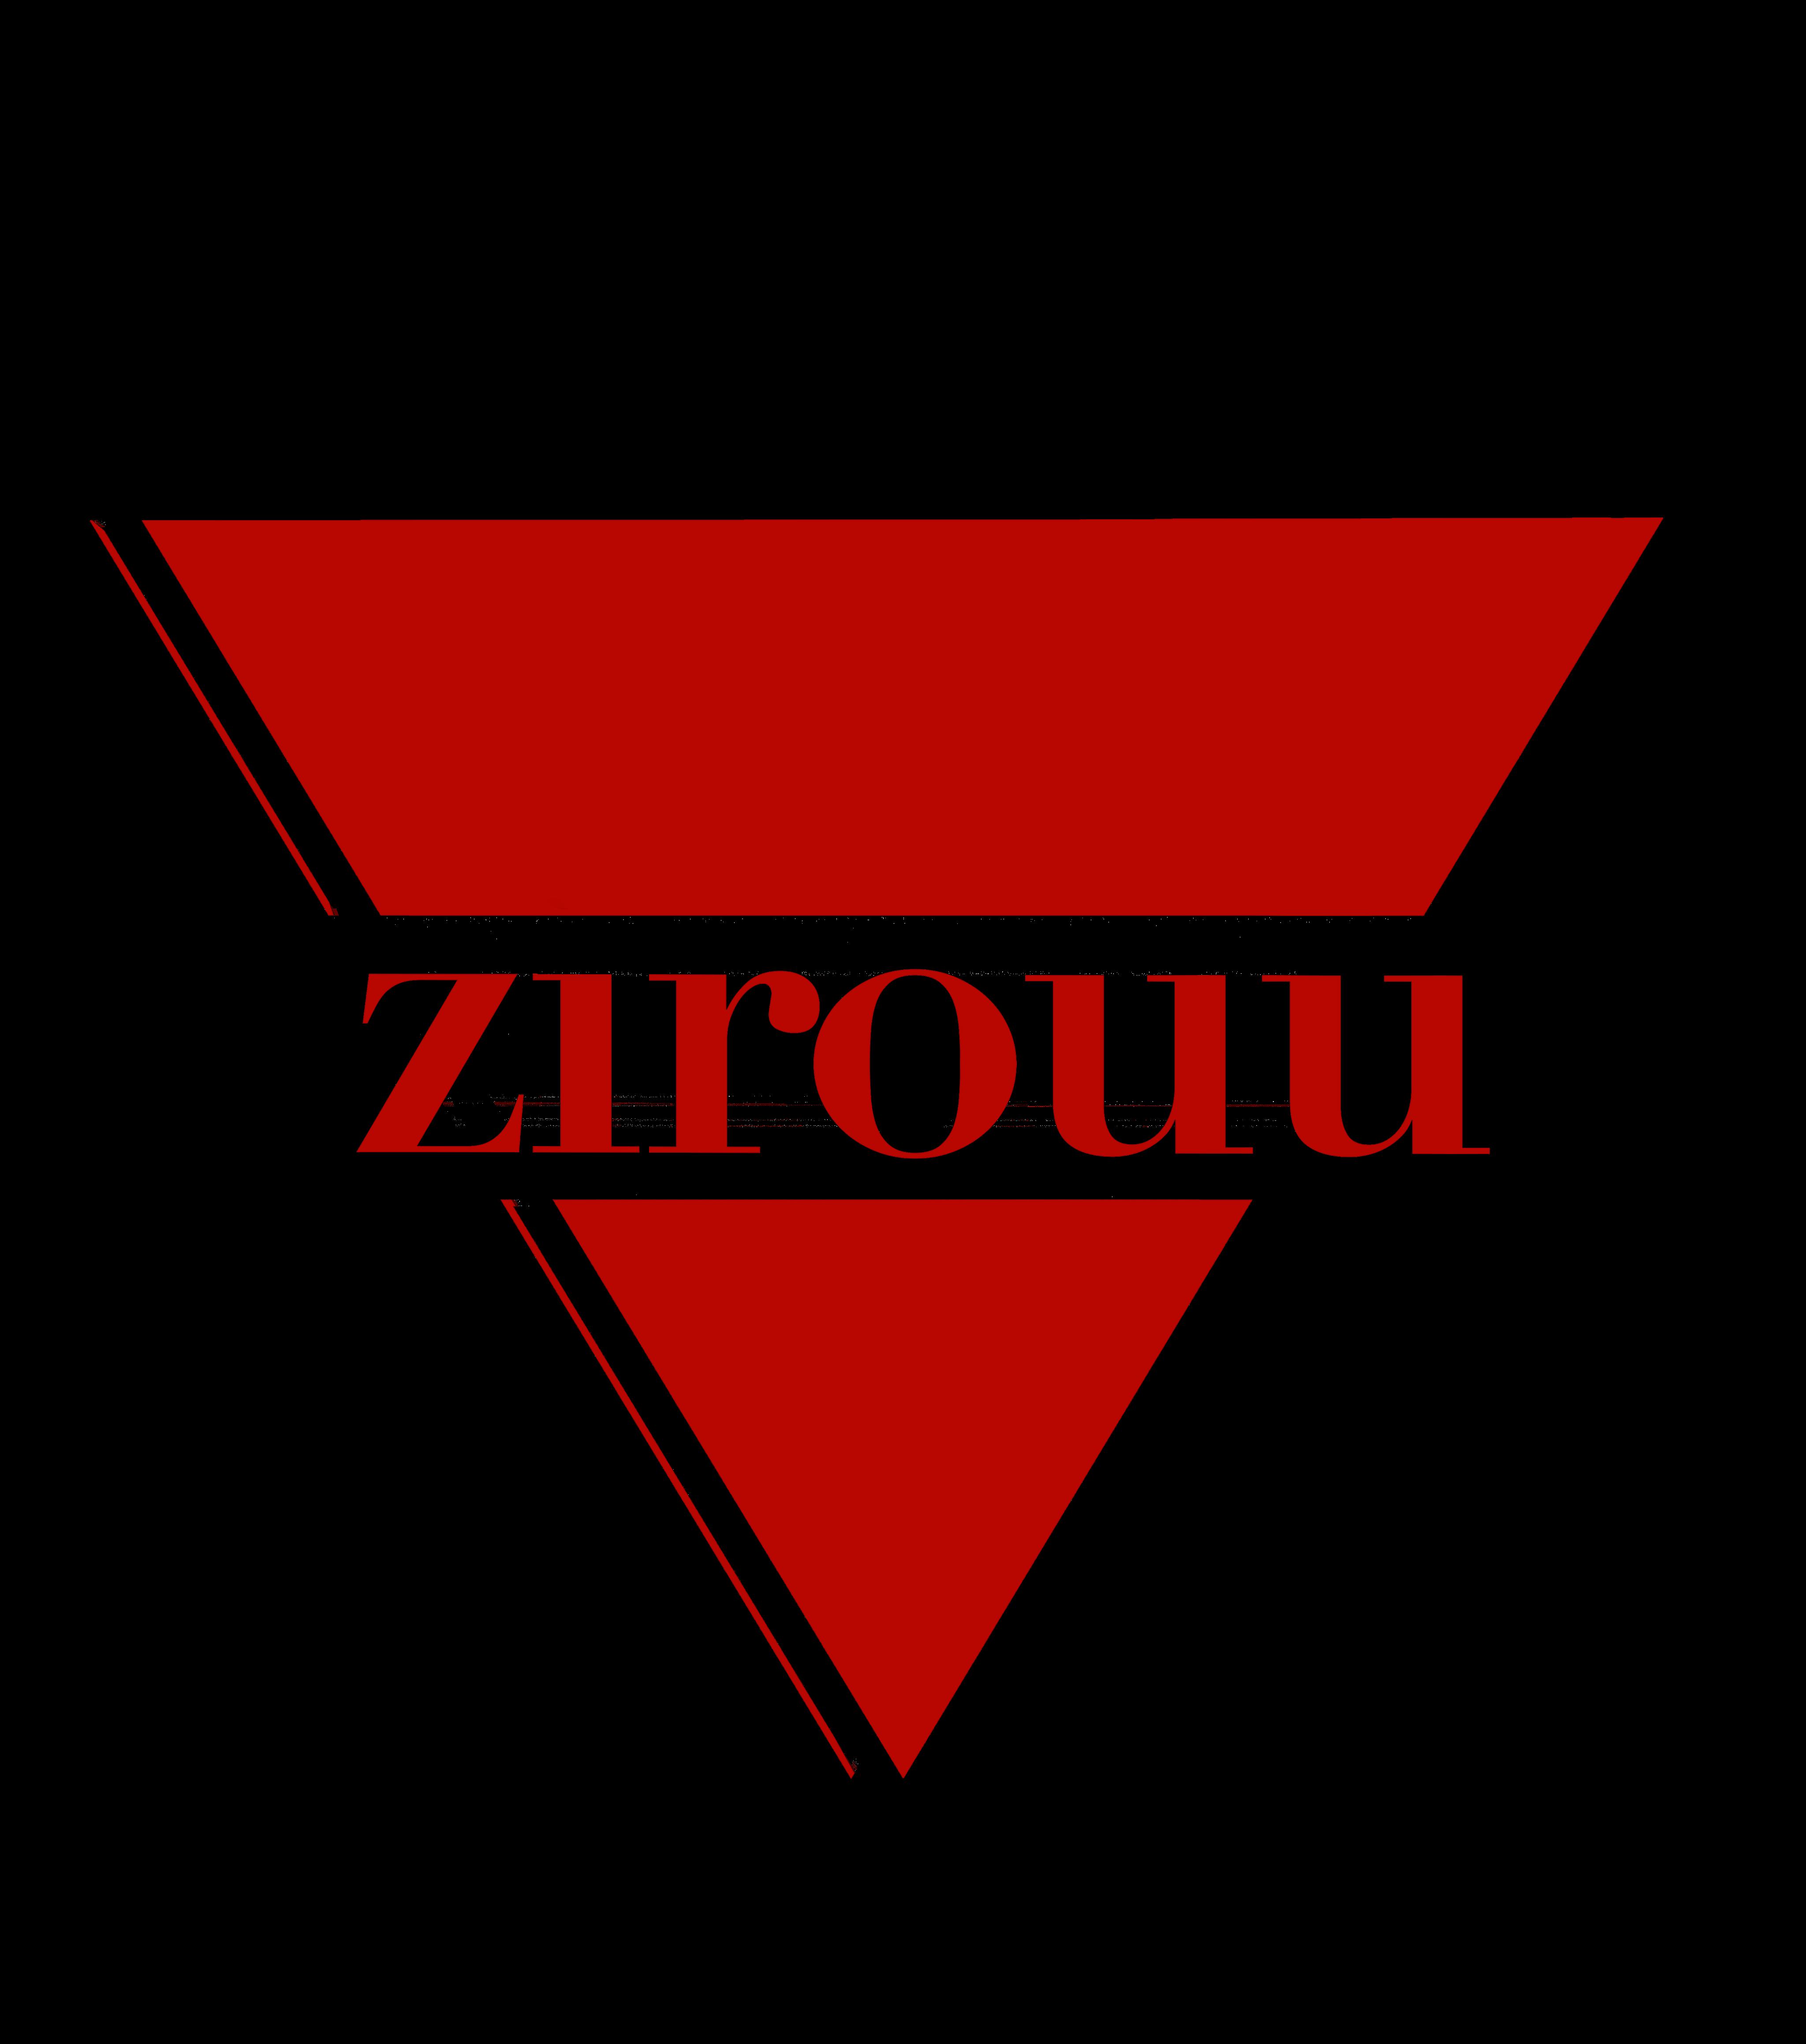 zirouu